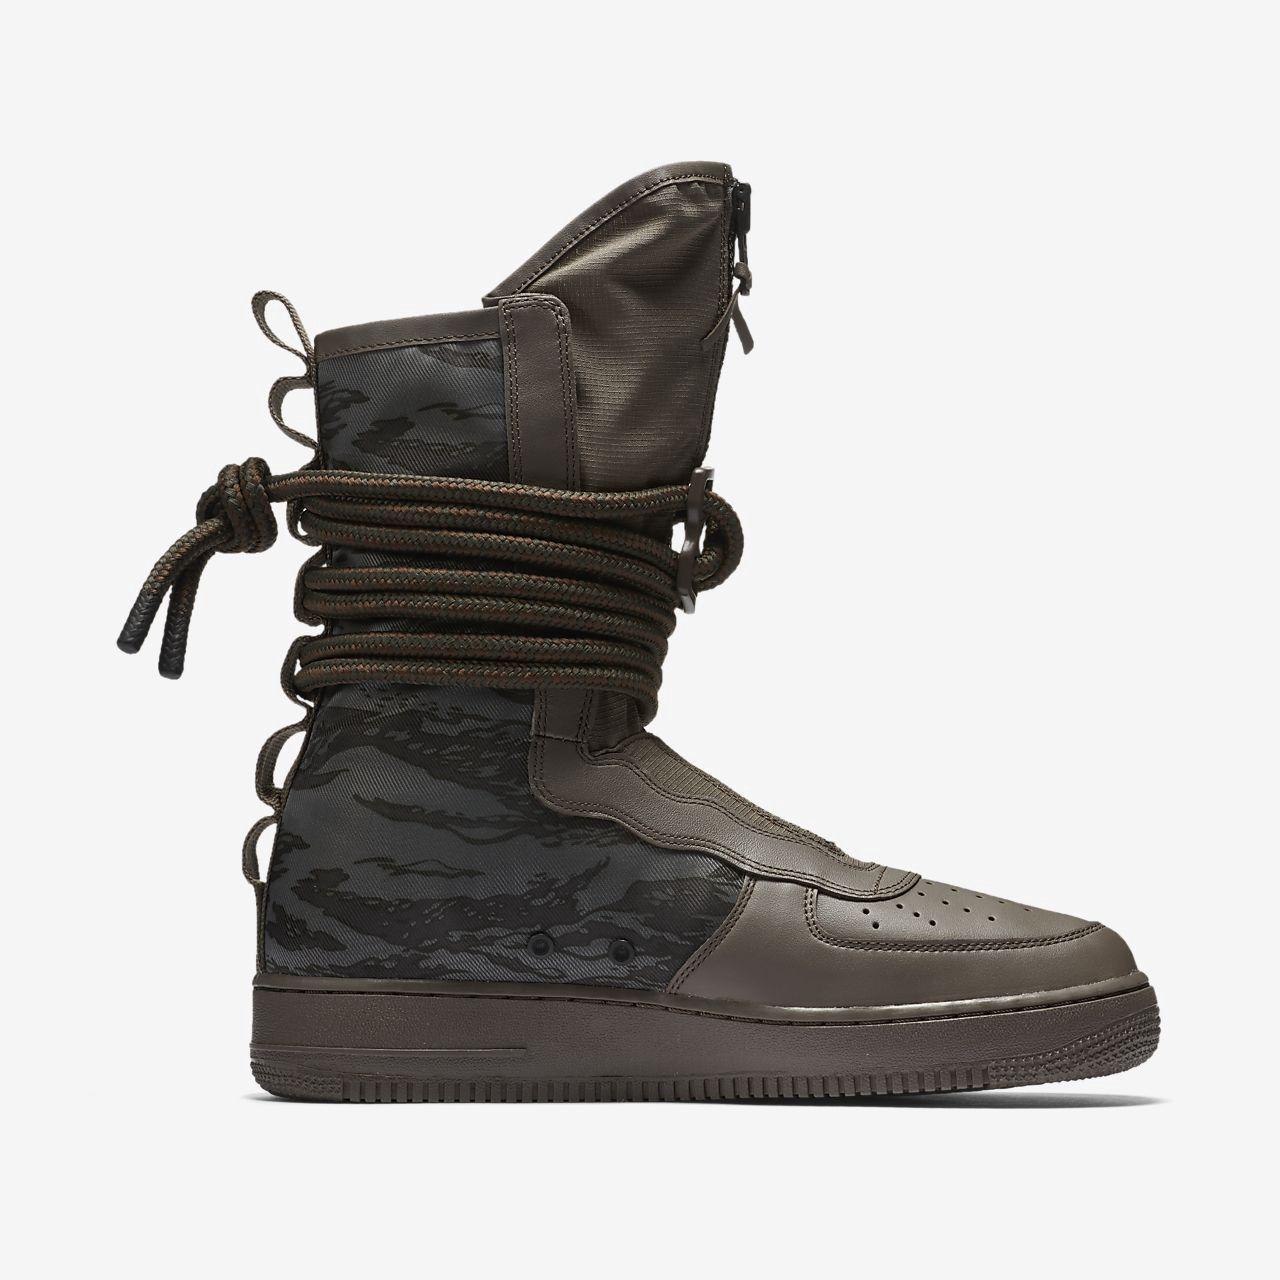 san francisco c4b15 30a5e Nike Sf Air Force 1 Hi Mens Boot - 10.5